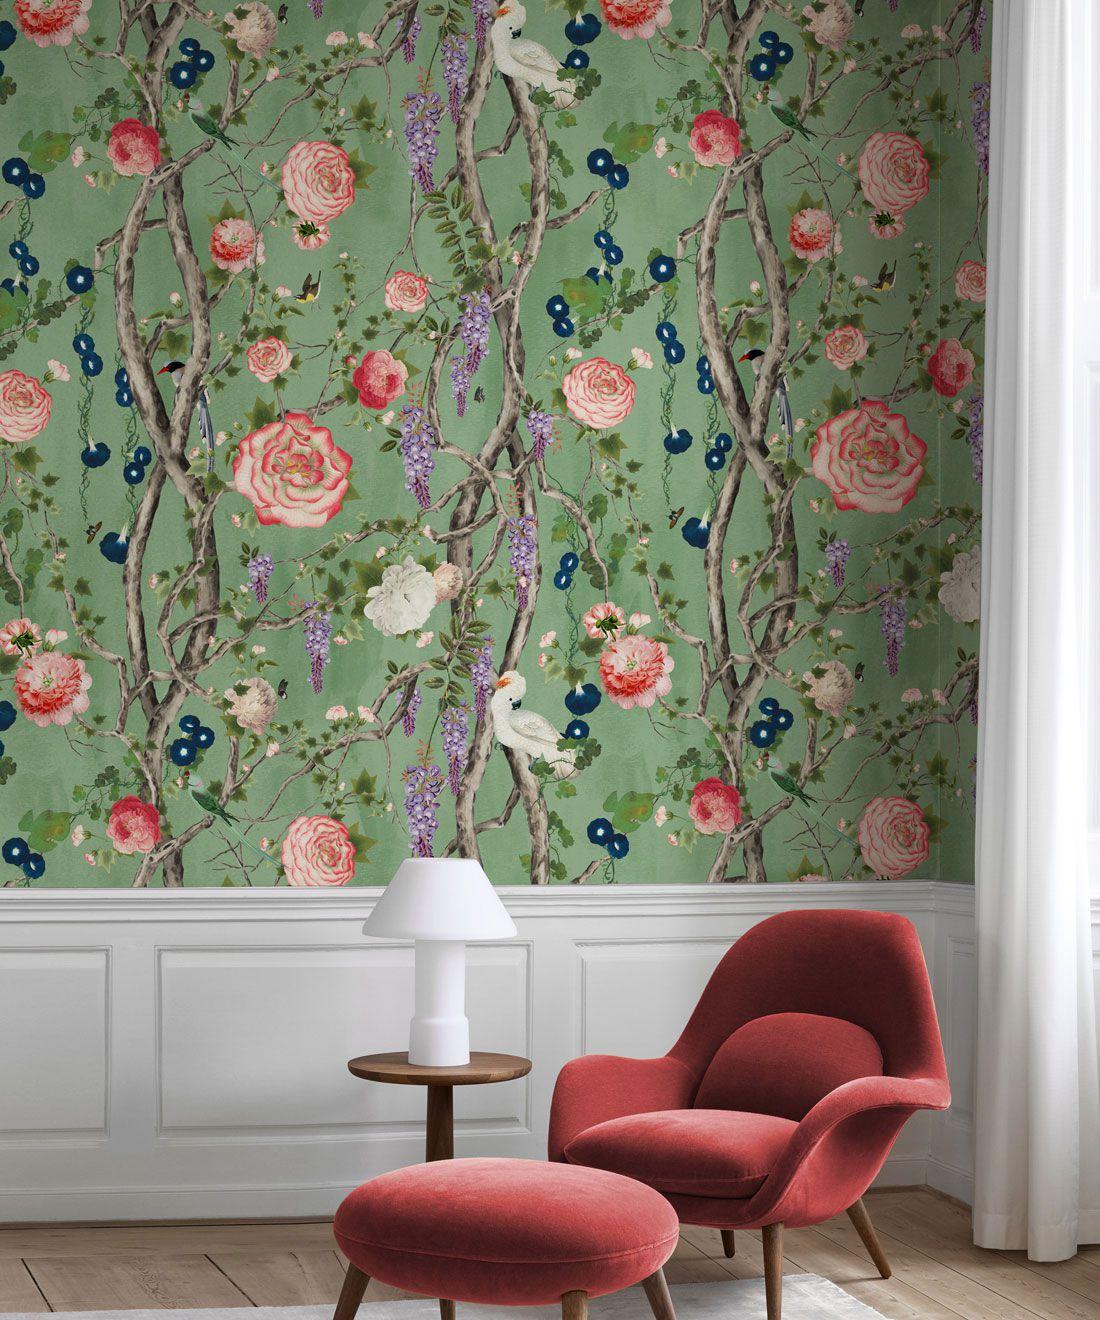 Empress Wallpaper • Romantic Wallpaper • Floral Wallpaper • Chinoiserie Wallpaper • Tea Garden Green colour wallpaper insitu